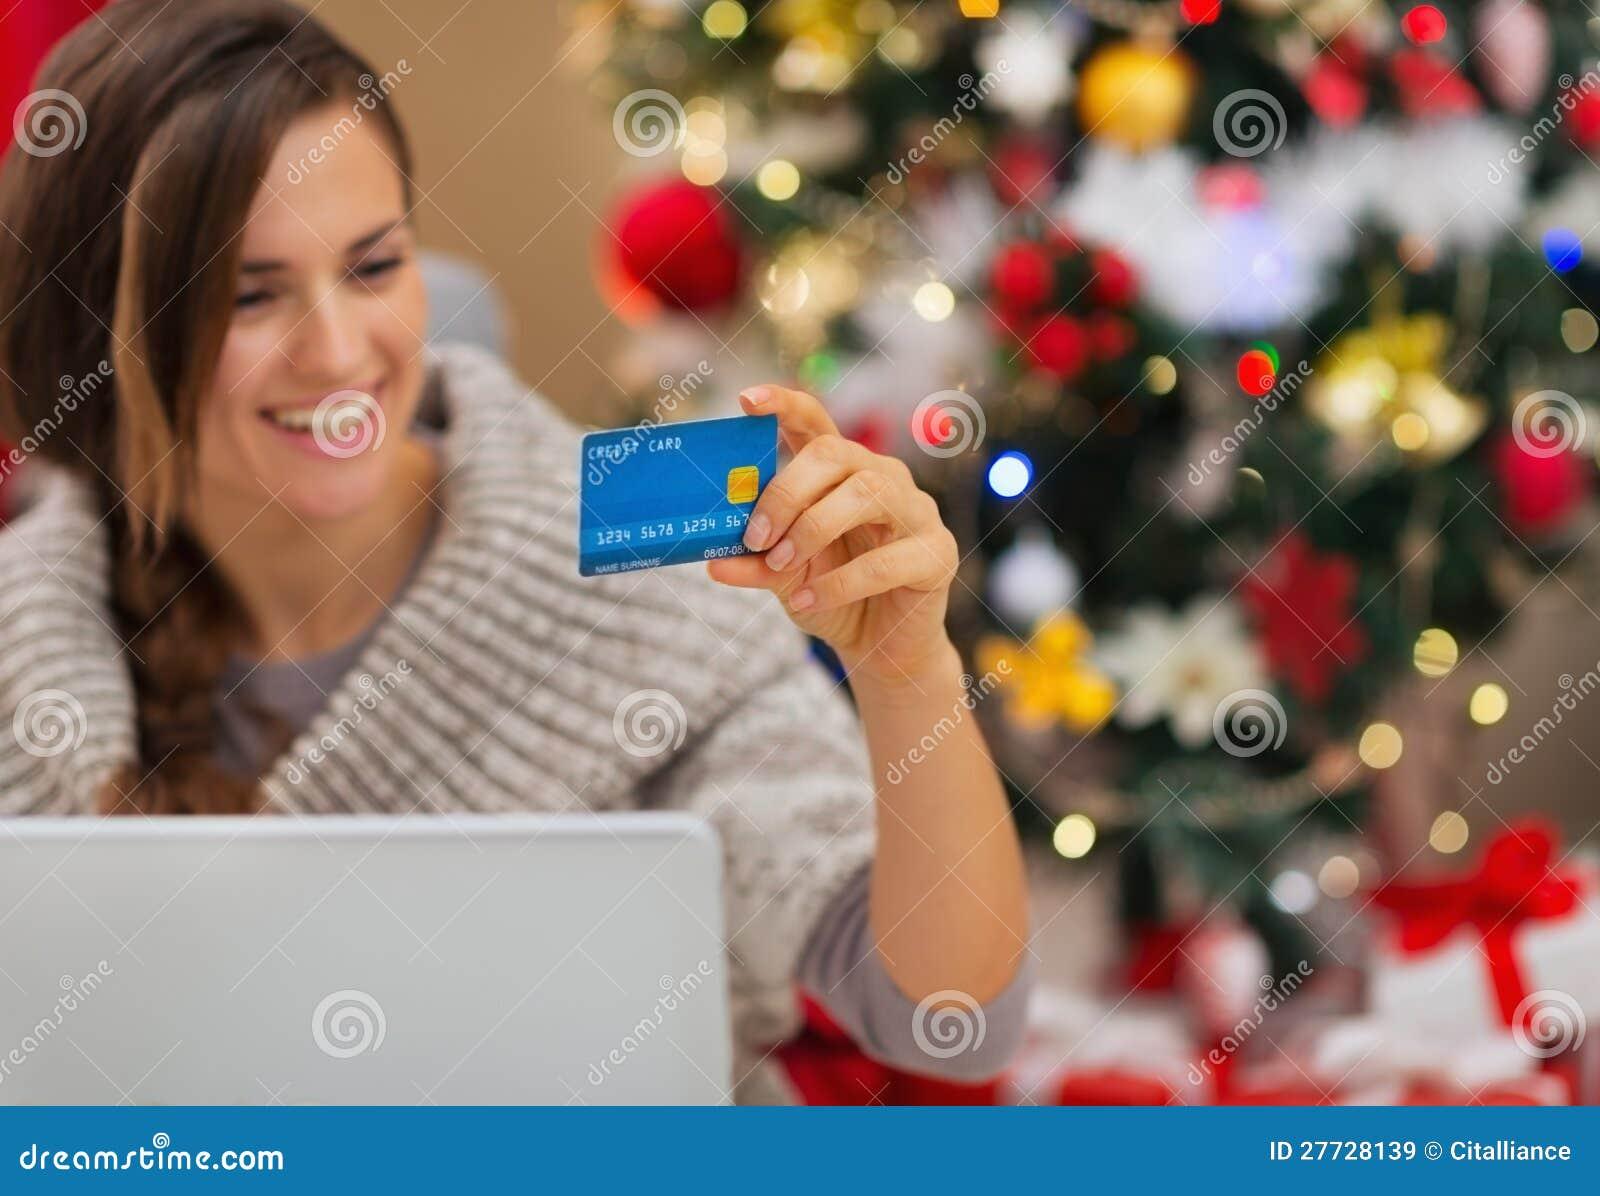 Nahaufnahme auf Kreditkarte in der Hand der glücklichen Frau